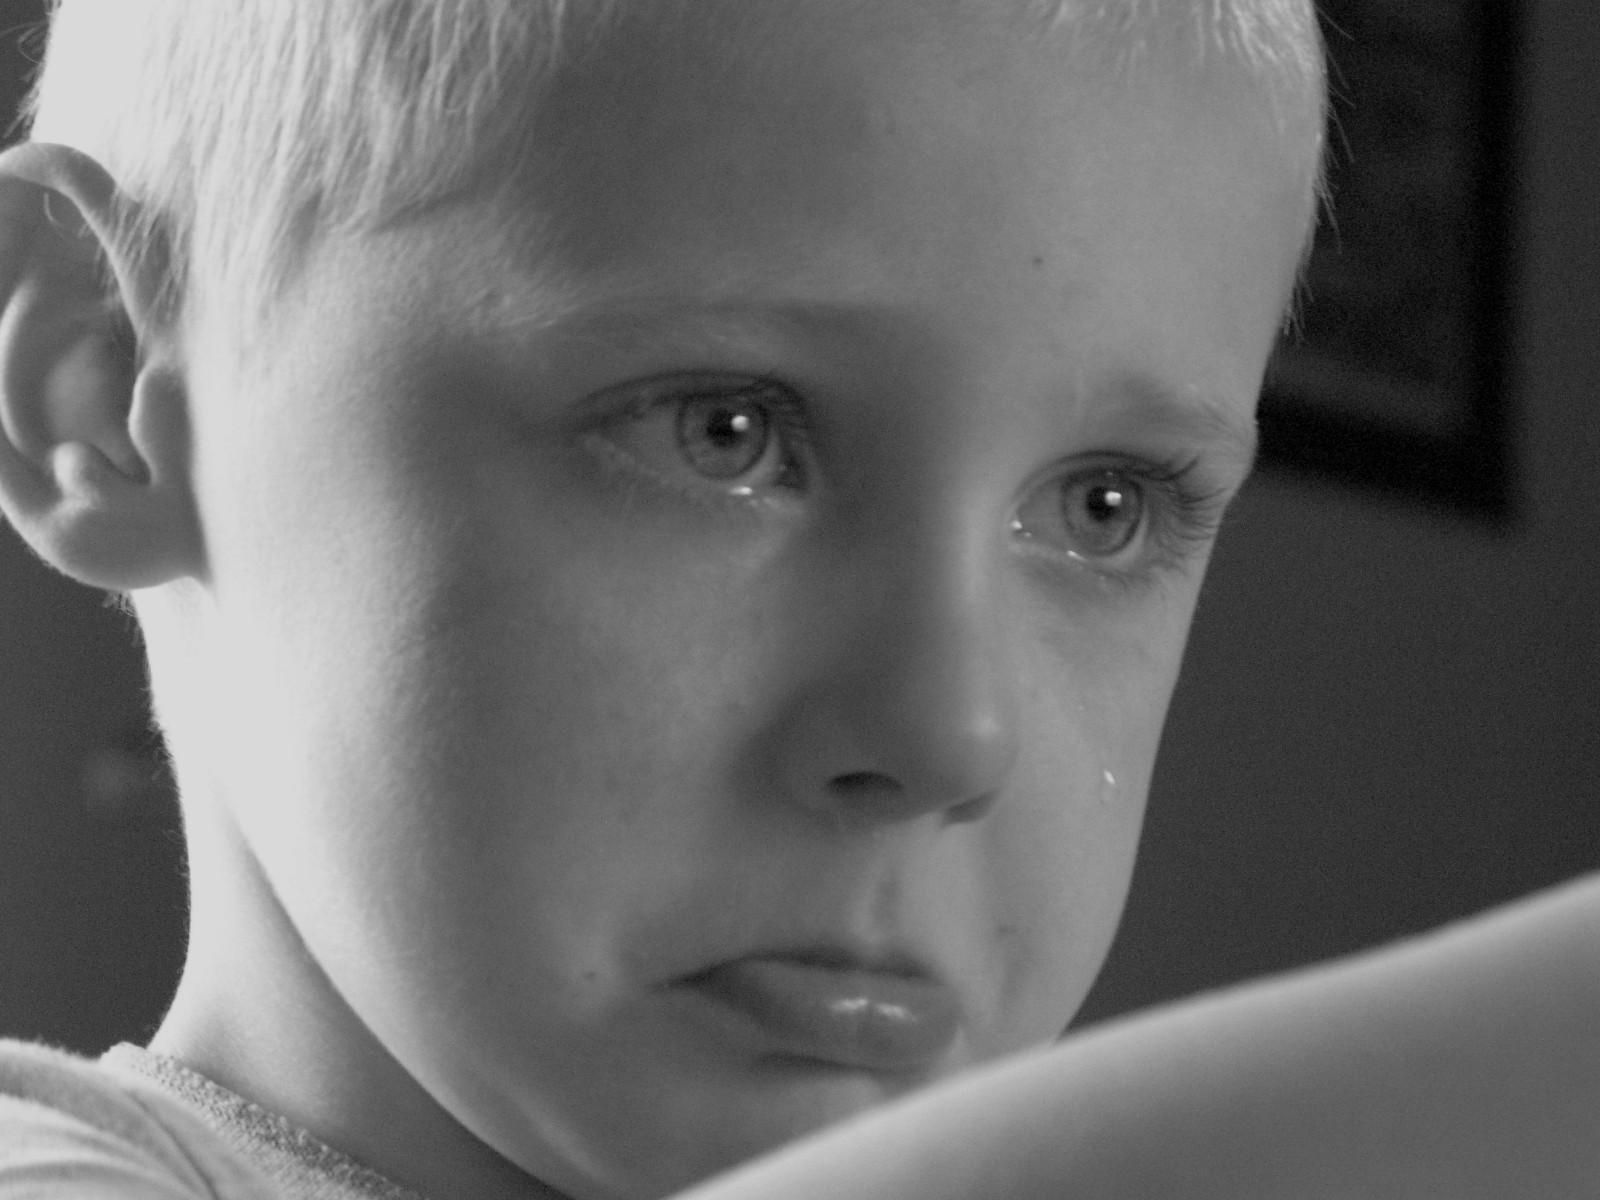 fond d 39 cran gar on noir et blanc monochrome la photographie enfant triste pleurs. Black Bedroom Furniture Sets. Home Design Ideas